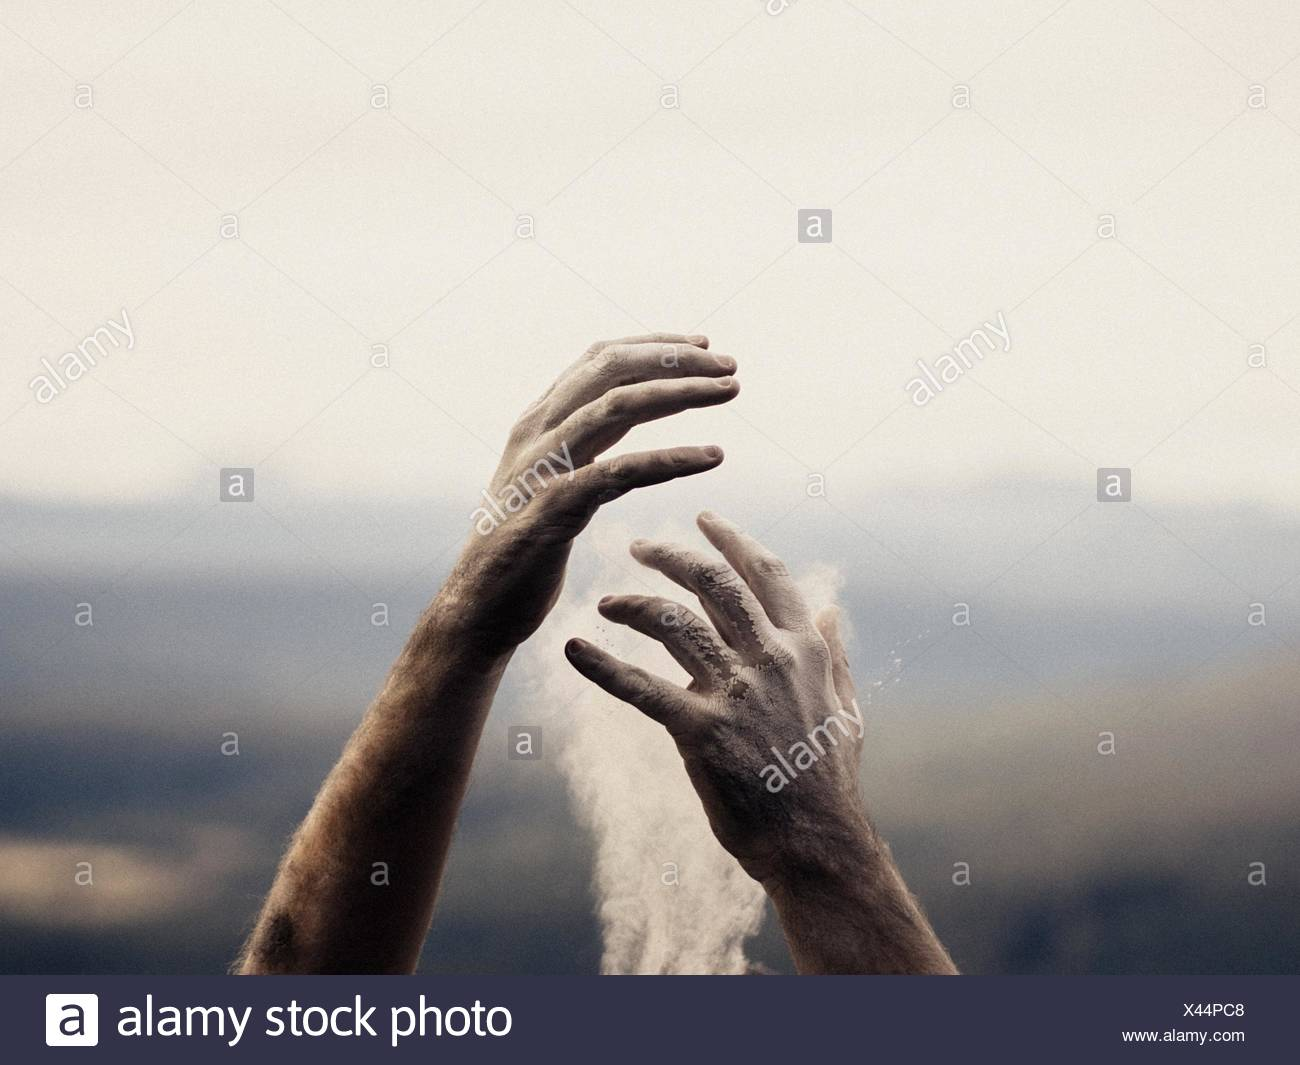 Cropped Hand Touching Smoke - Stock Image